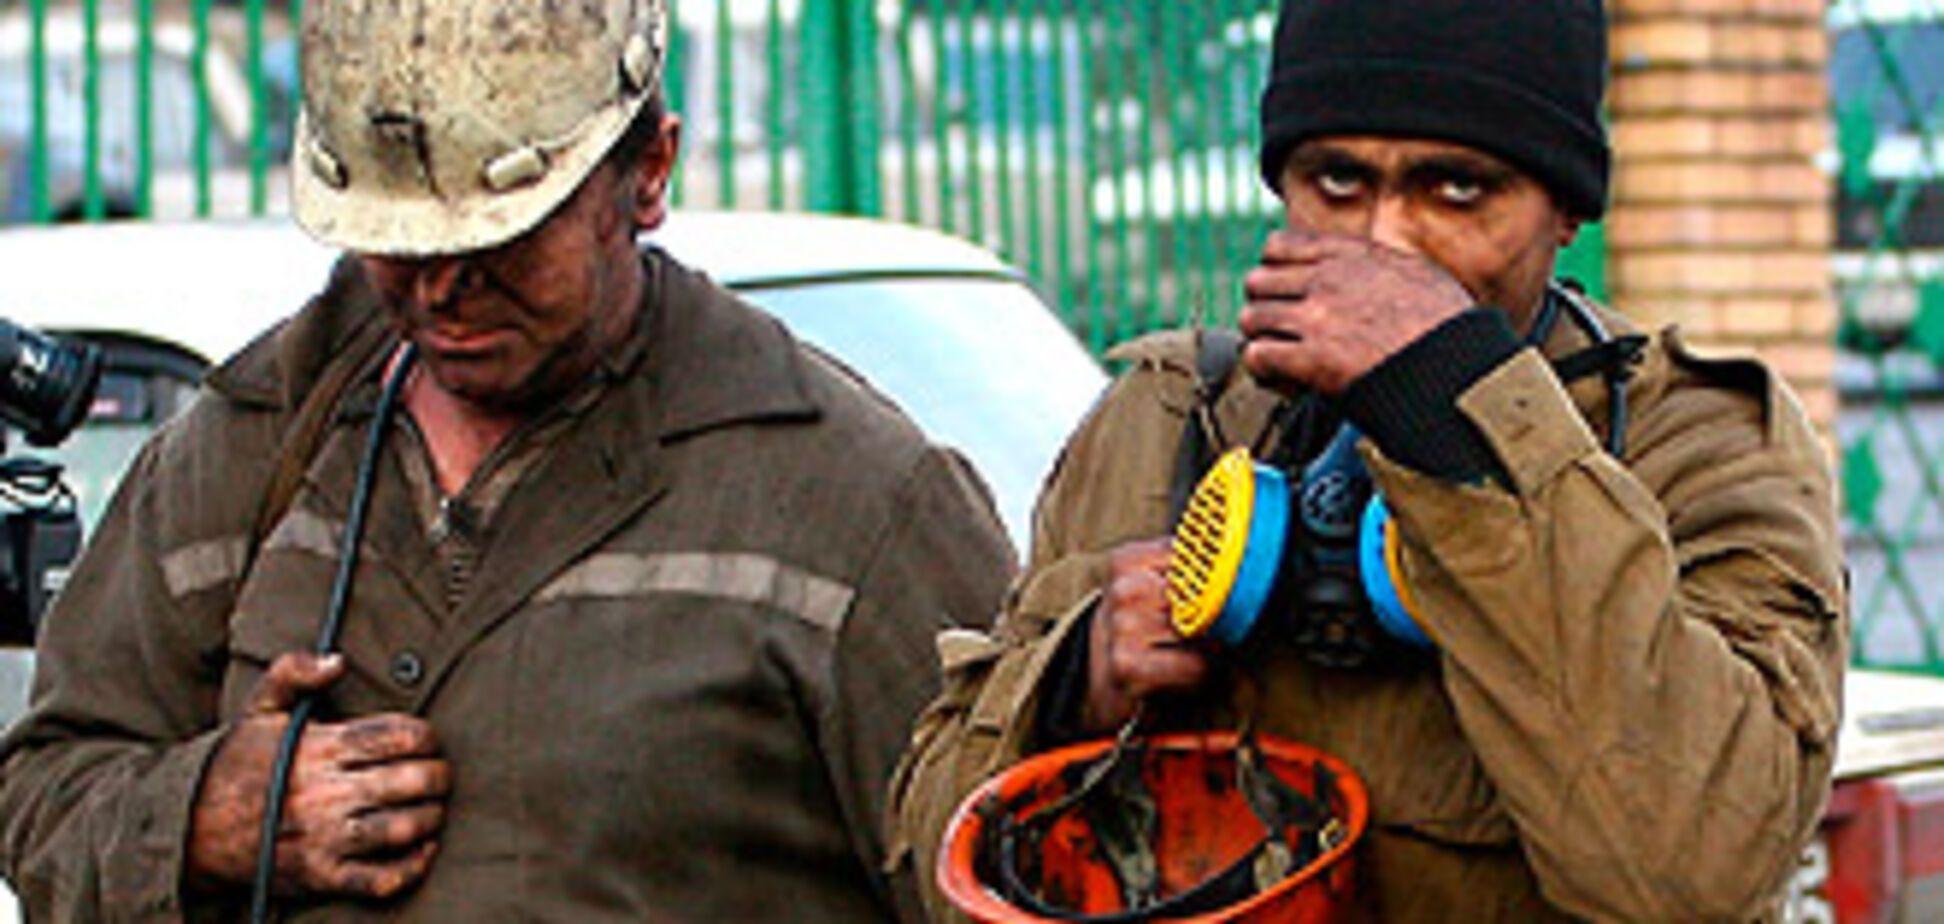 На шахте в Донецкой области обнаружены тела двух горняков